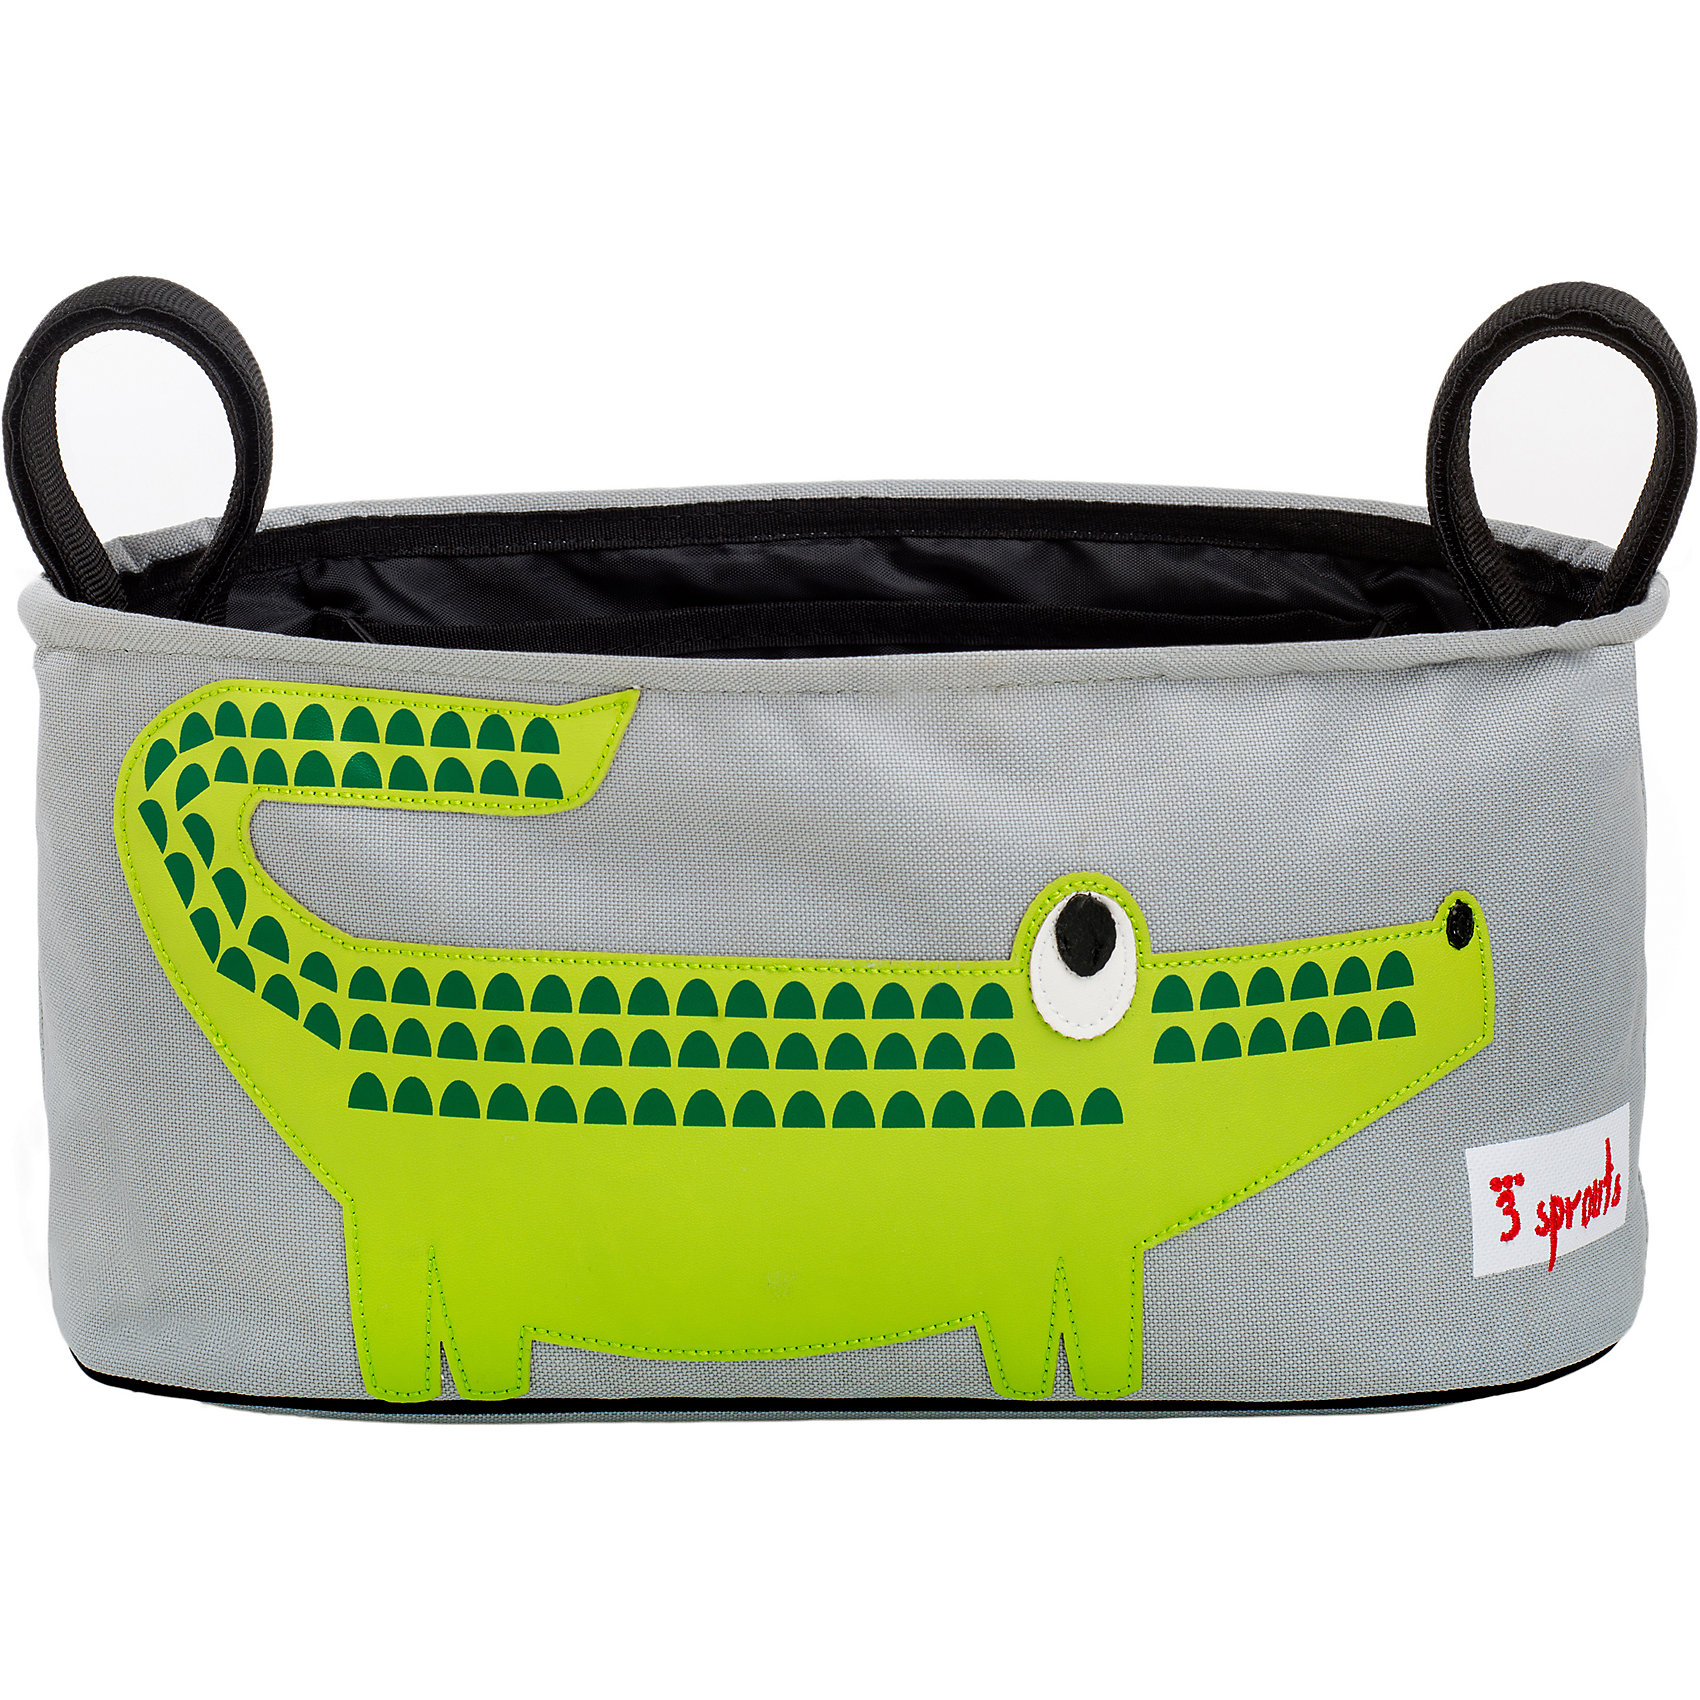 Сумка-органайзер для коляски Крокодил (Green Crocodile), 3 SproutsМилая сумка-органайзер для мамы. Всё необходимое будет под рукой, когда Вы отправитесь на прогулку со своим малышом. Сумочку можно просто протирать при необходимости, она имеет два отделённых отсека для стакана или бутылки. Так же, есть специальный потайной кармашек для ключей и телефона.<br><br>Дополнительная информация:<br><br>- Размер: 32x15x13 см.<br>- Материал: полиэстер.<br>- Орнамент: Крокодил.<br><br>Купить сумку-органайзер для коляски Крокодил (Green Crocodile), можно в нашем магазине.<br><br>Ширина мм: 420<br>Глубина мм: 25<br>Высота мм: 180<br>Вес г: 226<br>Возраст от месяцев: 0<br>Возраст до месяцев: 36<br>Пол: Унисекс<br>Возраст: Детский<br>SKU: 5098252